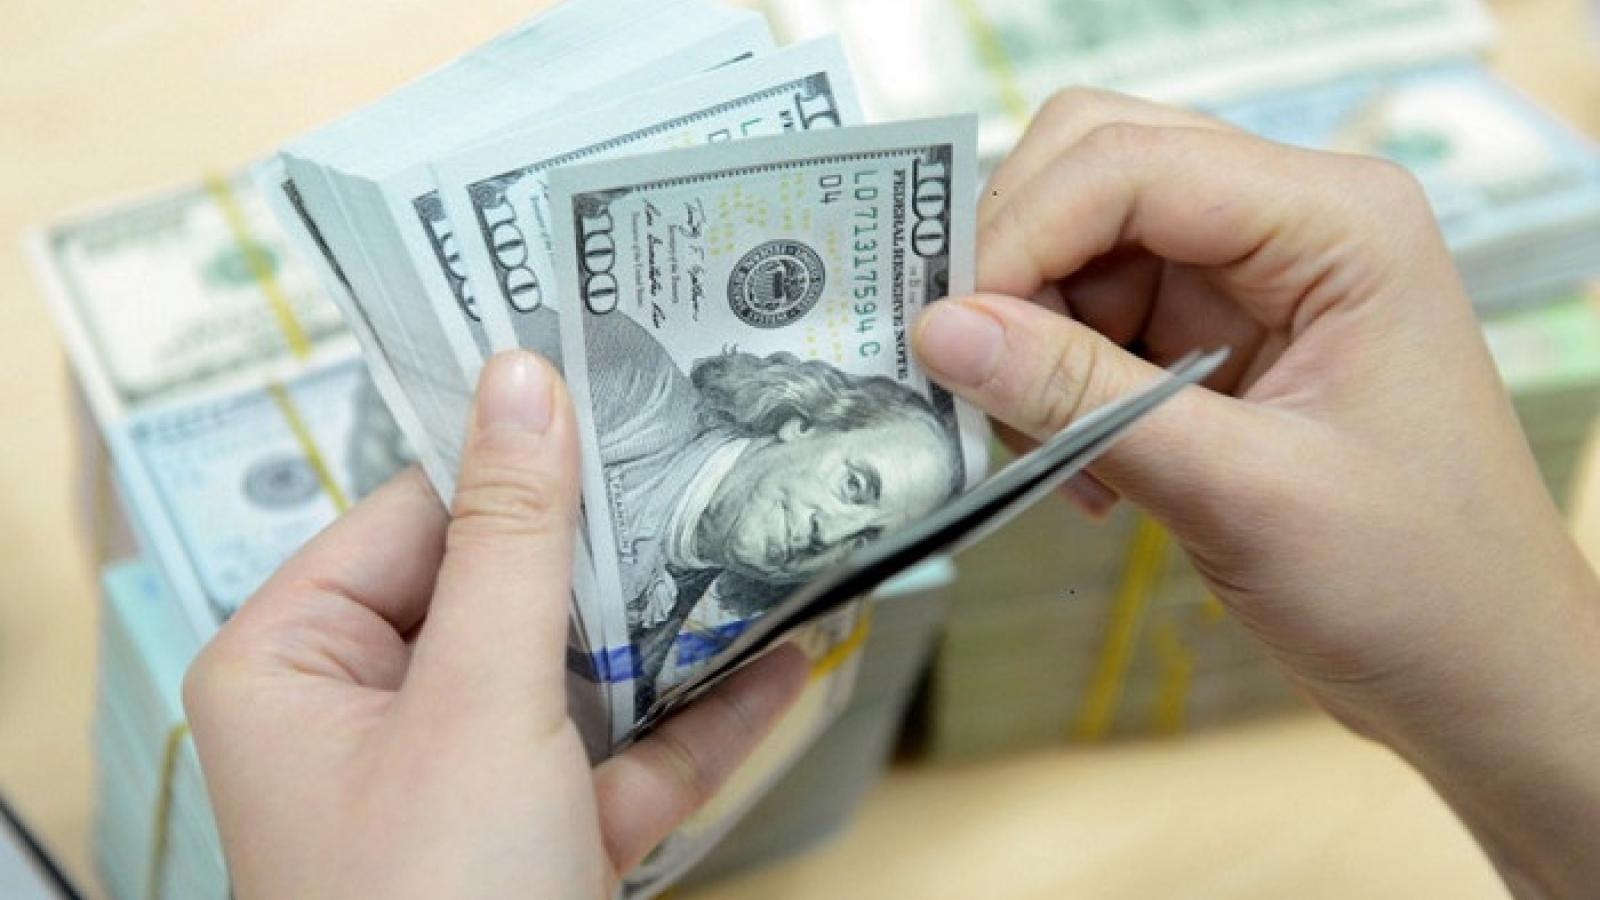 Tỷ giá ngoại tệ ngày 16/12: Tỷ giá trung tâm tăng nhẹ